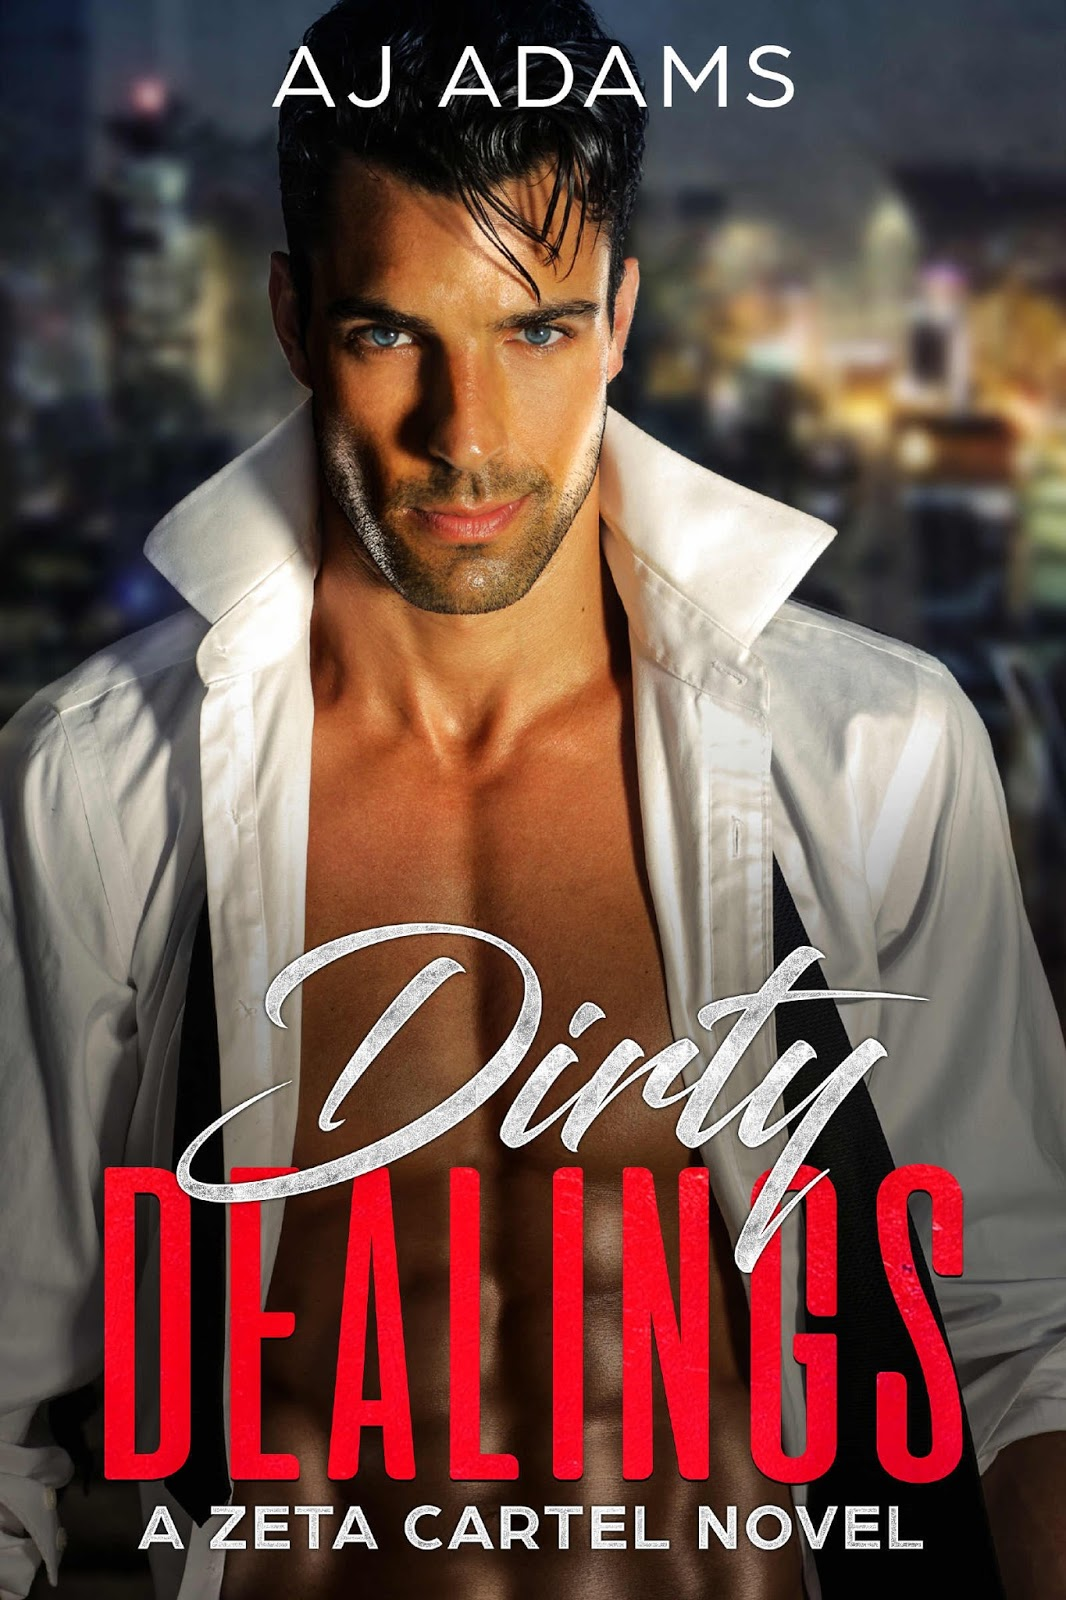 He is ready to commit murder #darkromance #dirtydealingsblitz A J Adams